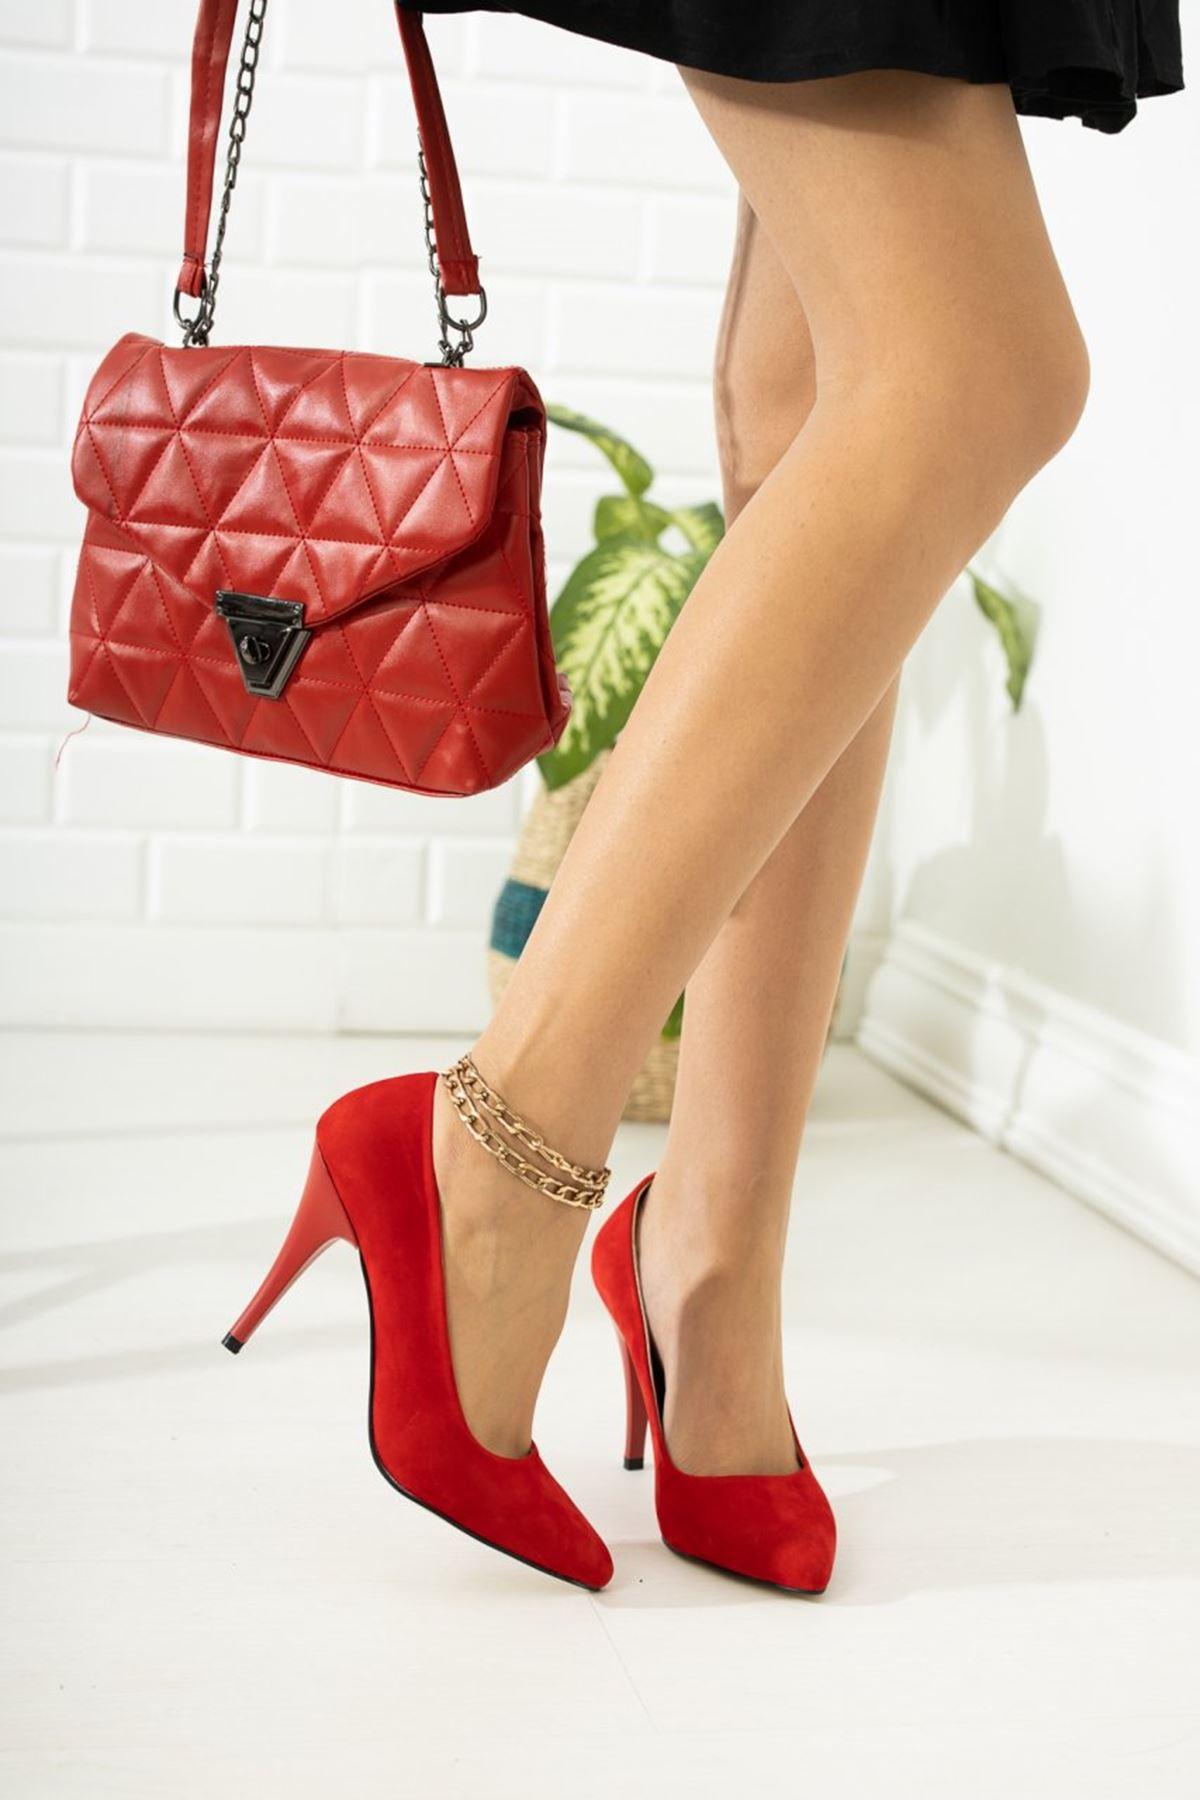 Kadın Ages Yüksek Topuklu Kırmızı Süet Stiletto